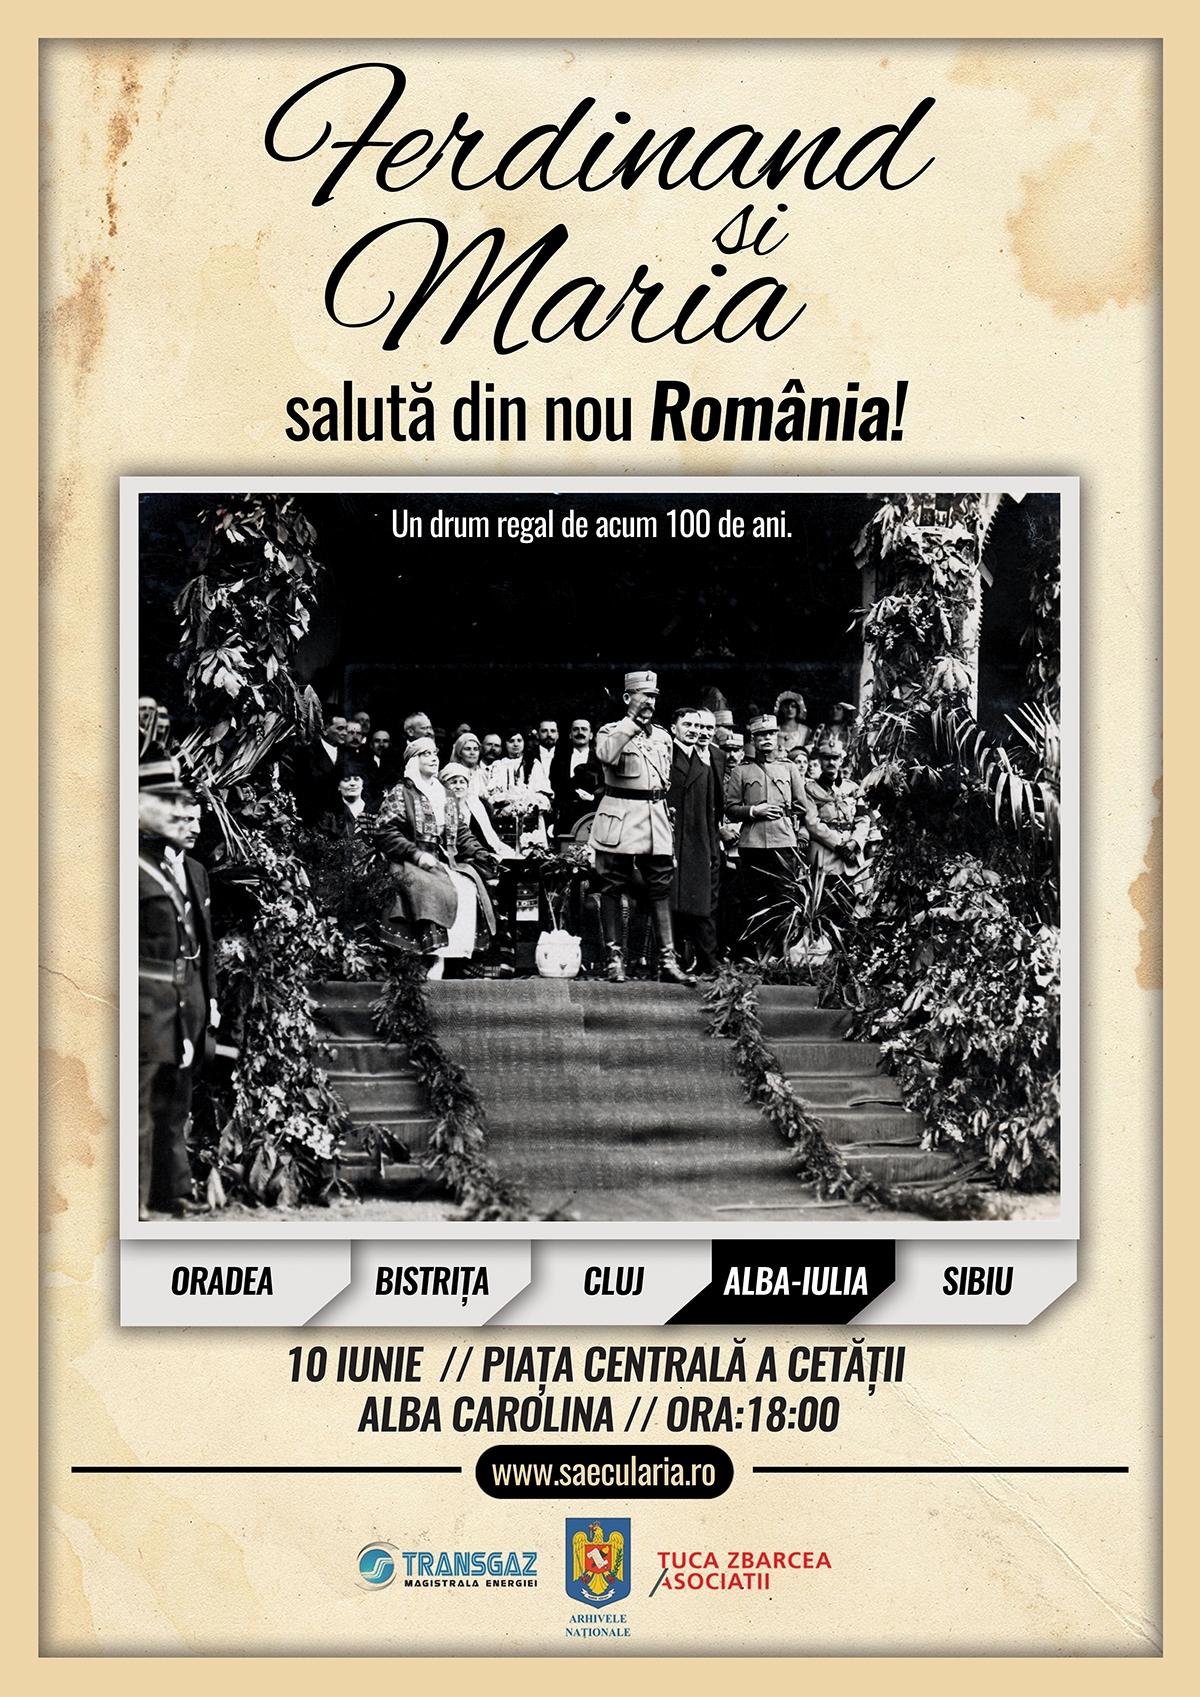 La Alba Iulia, Ferdinand şi Maria salută din nou România!